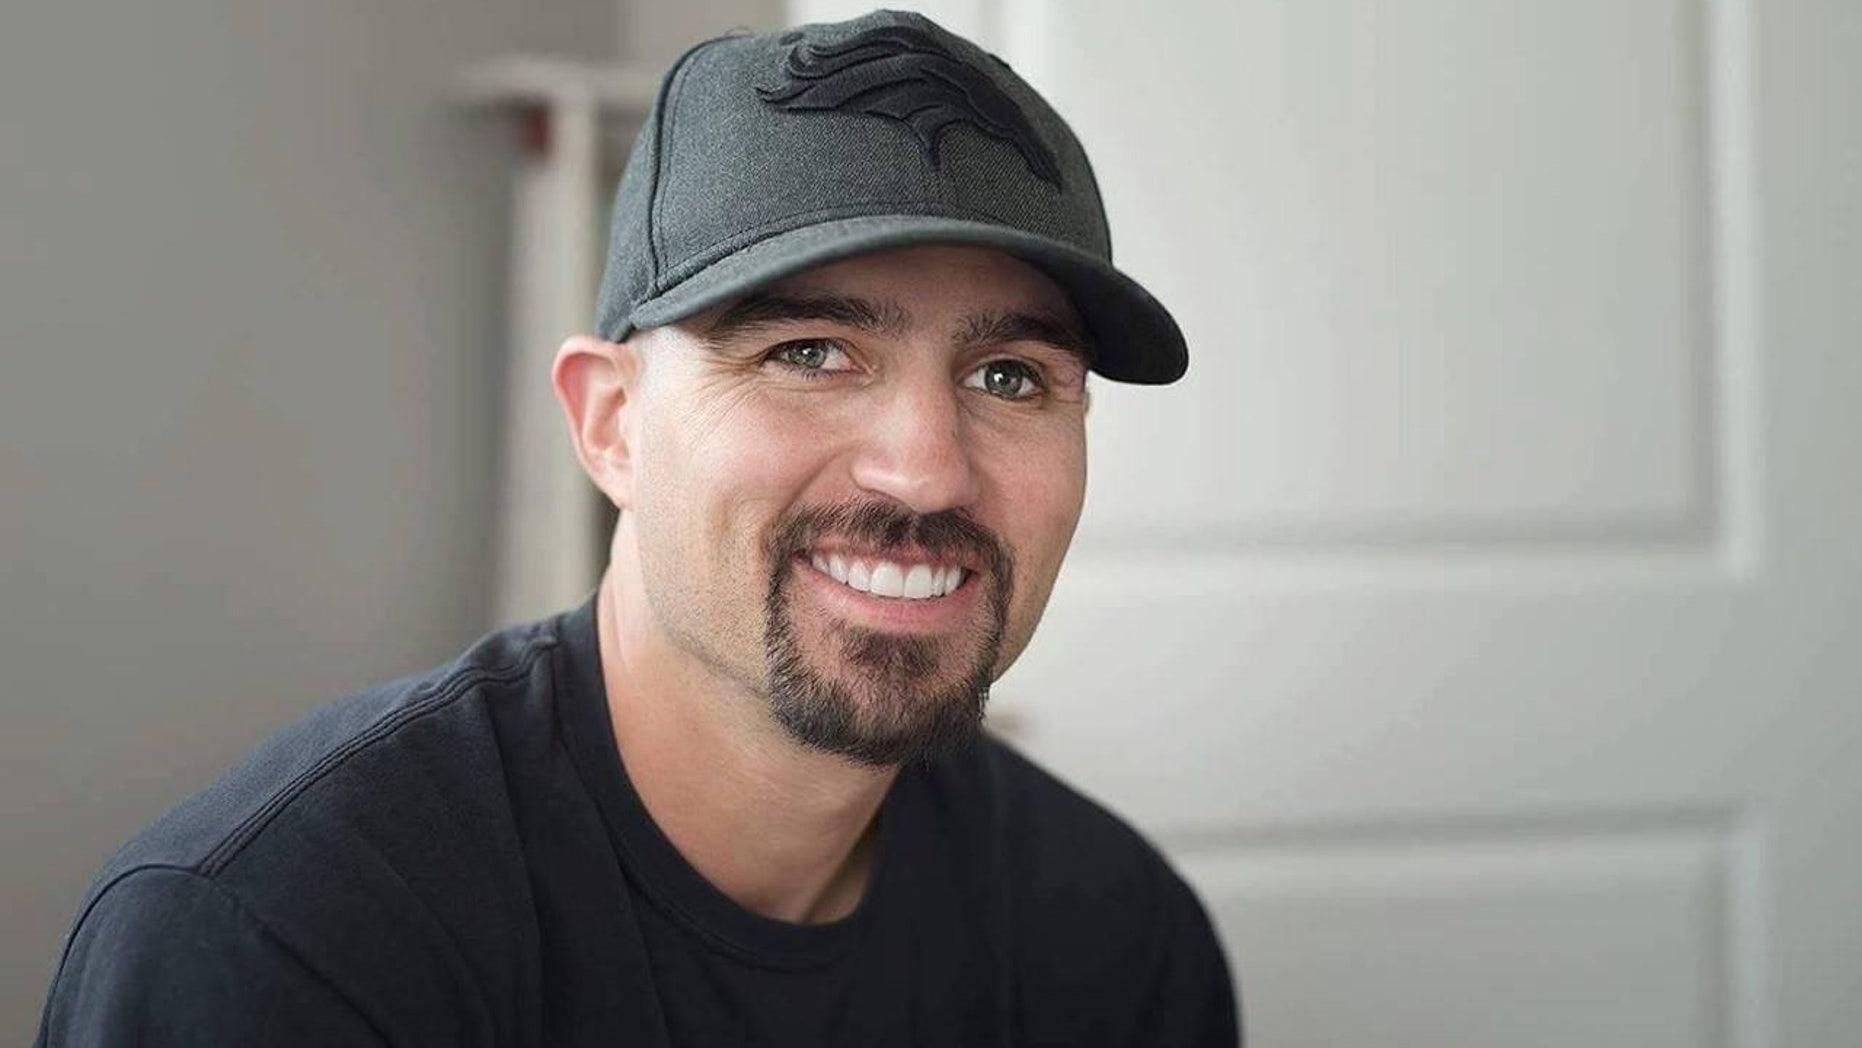 Cory Hixson